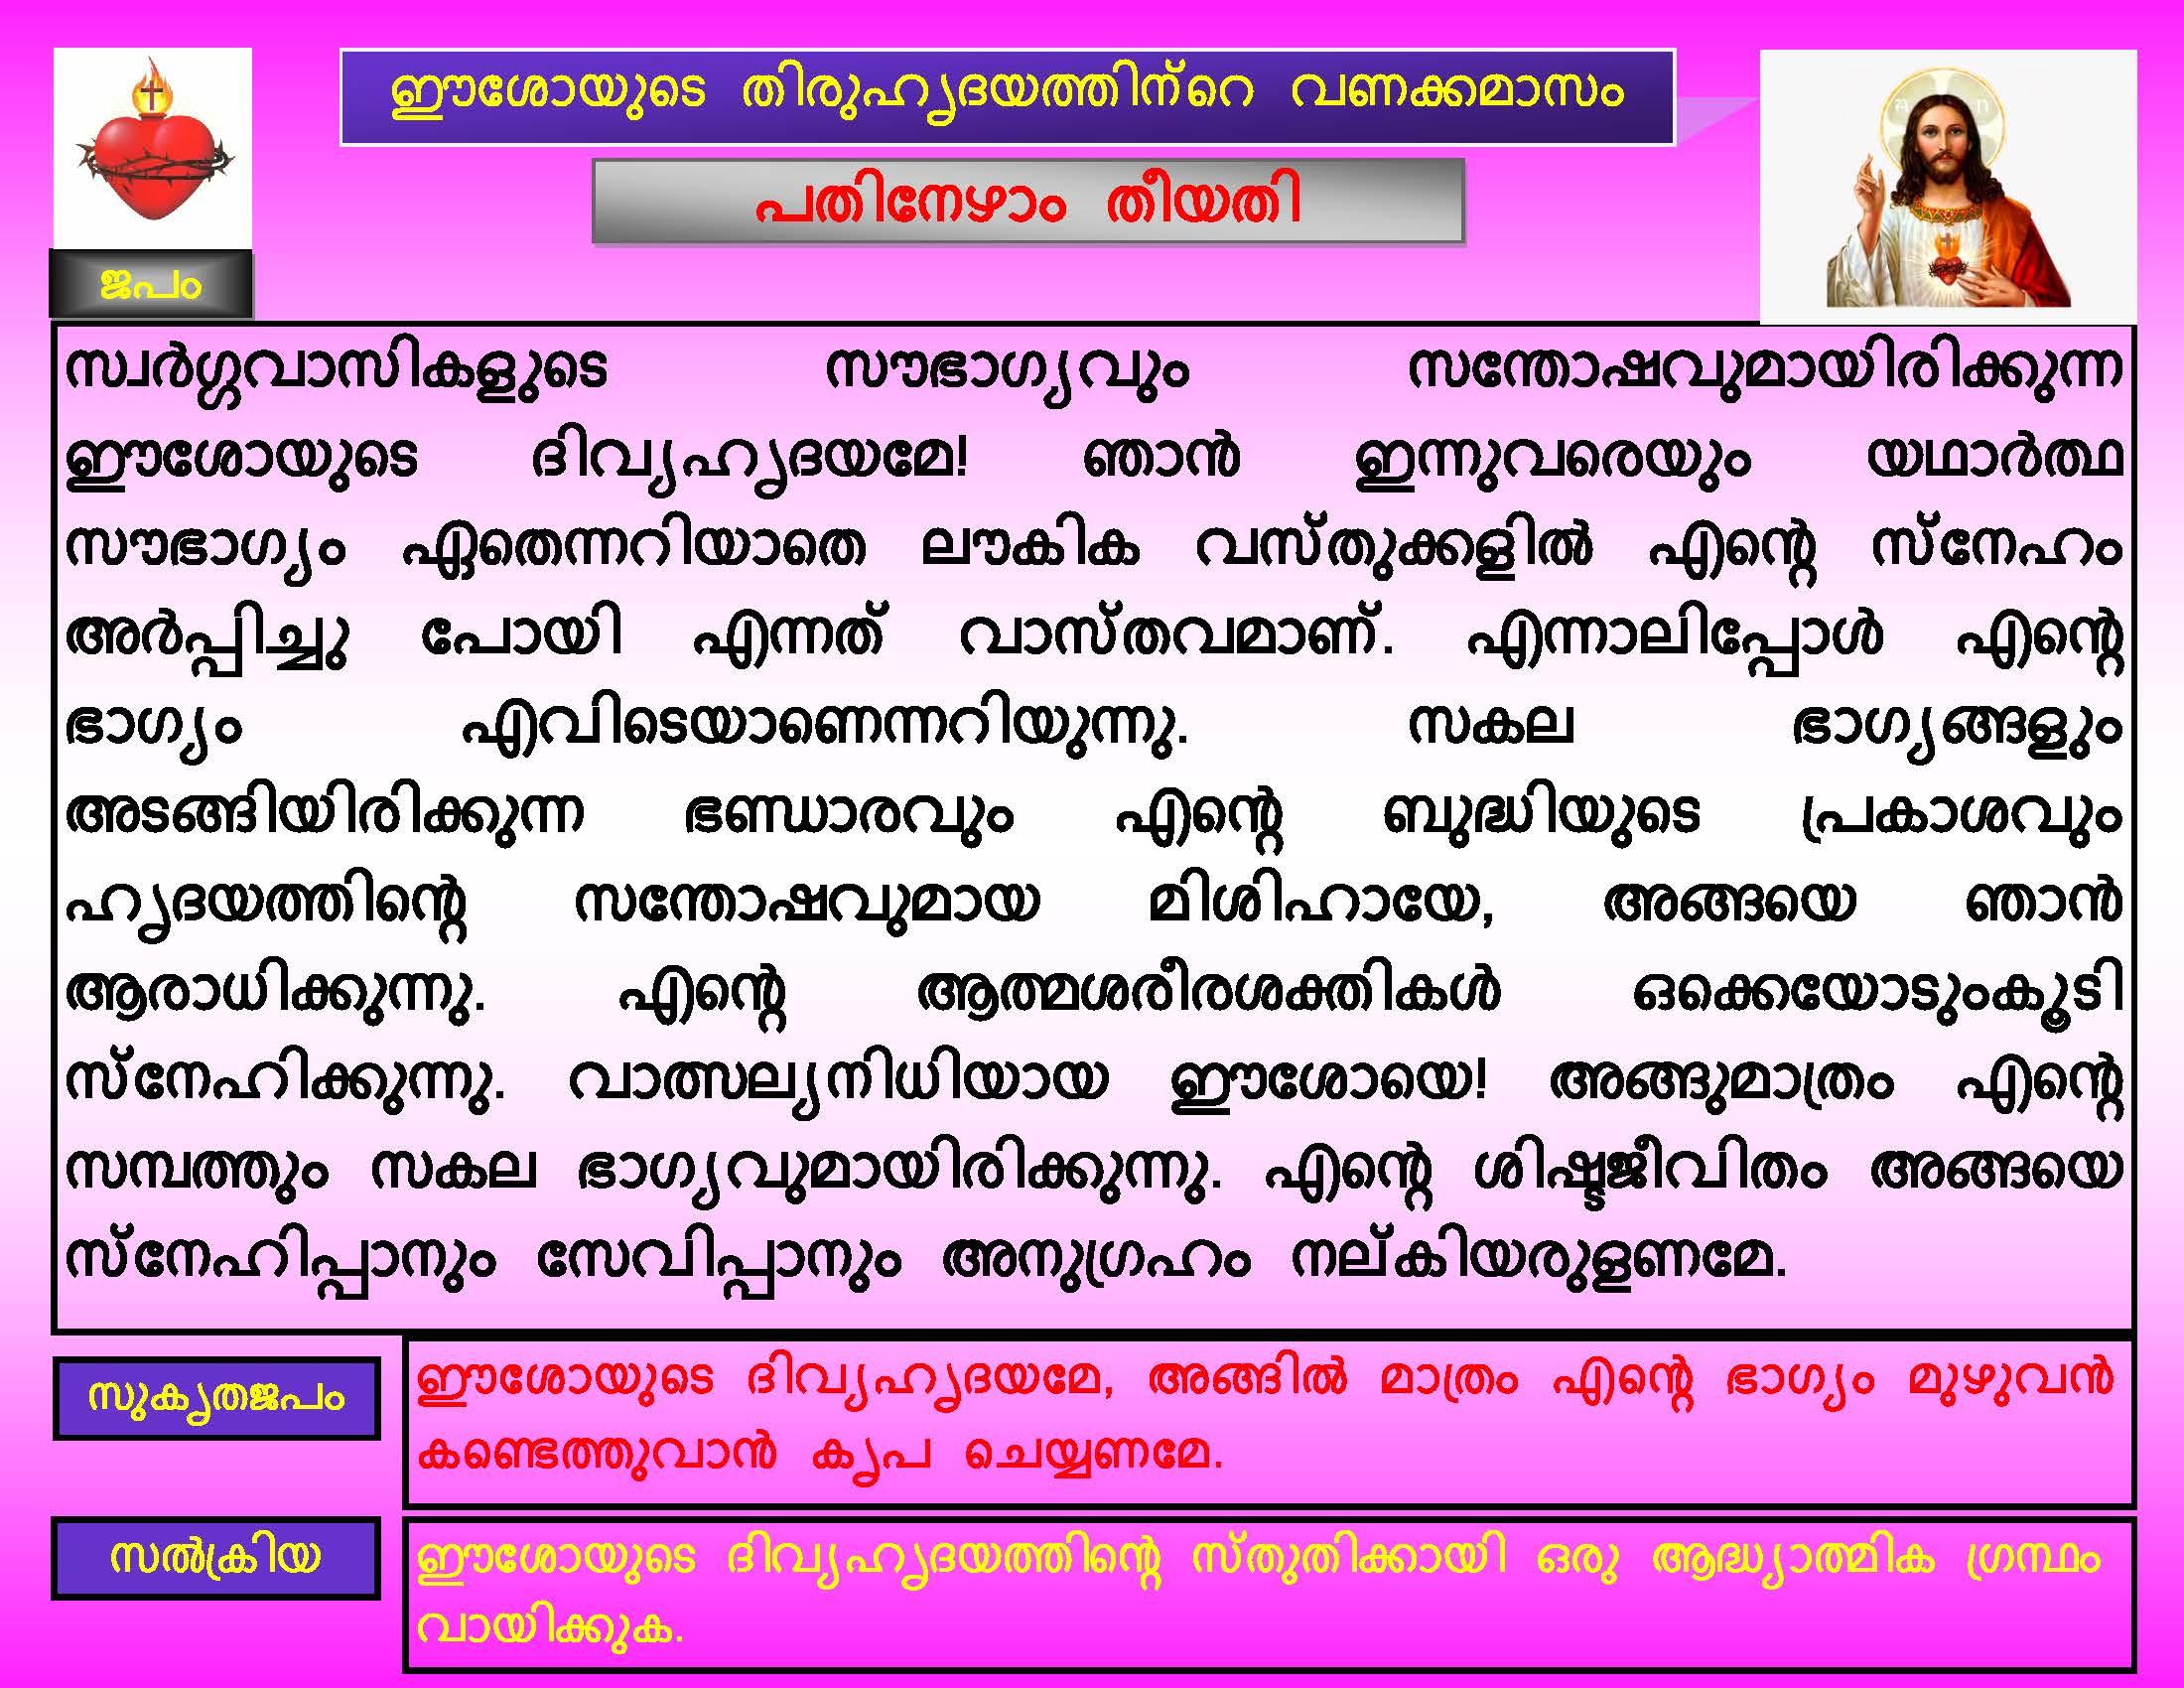 Thiruhrudaya Vanakkamasam - Day 17